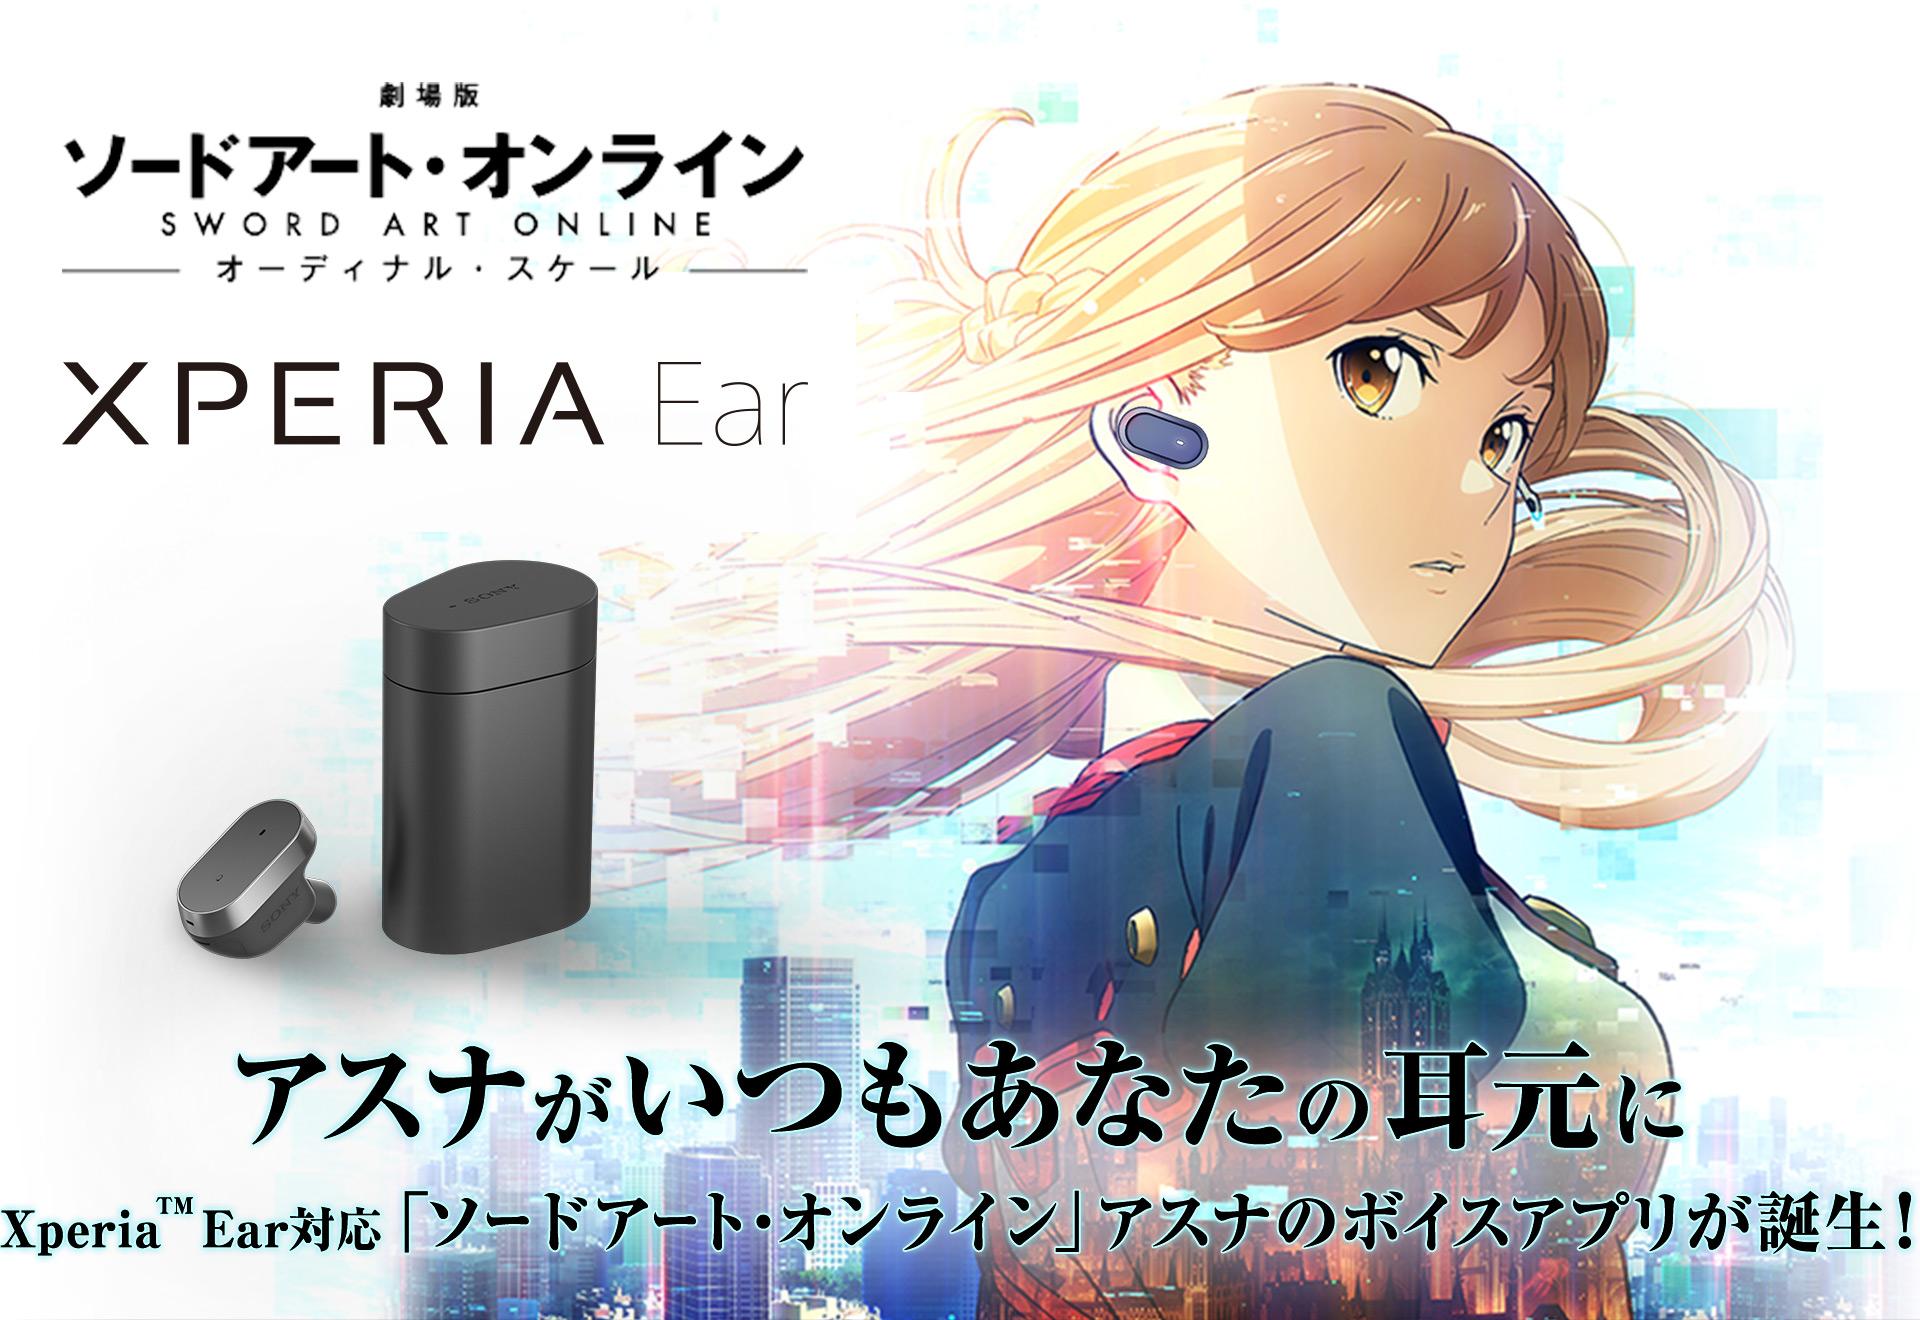 ソードアート オンライン アスナ のボイスアプリがxperia Ear Duoに